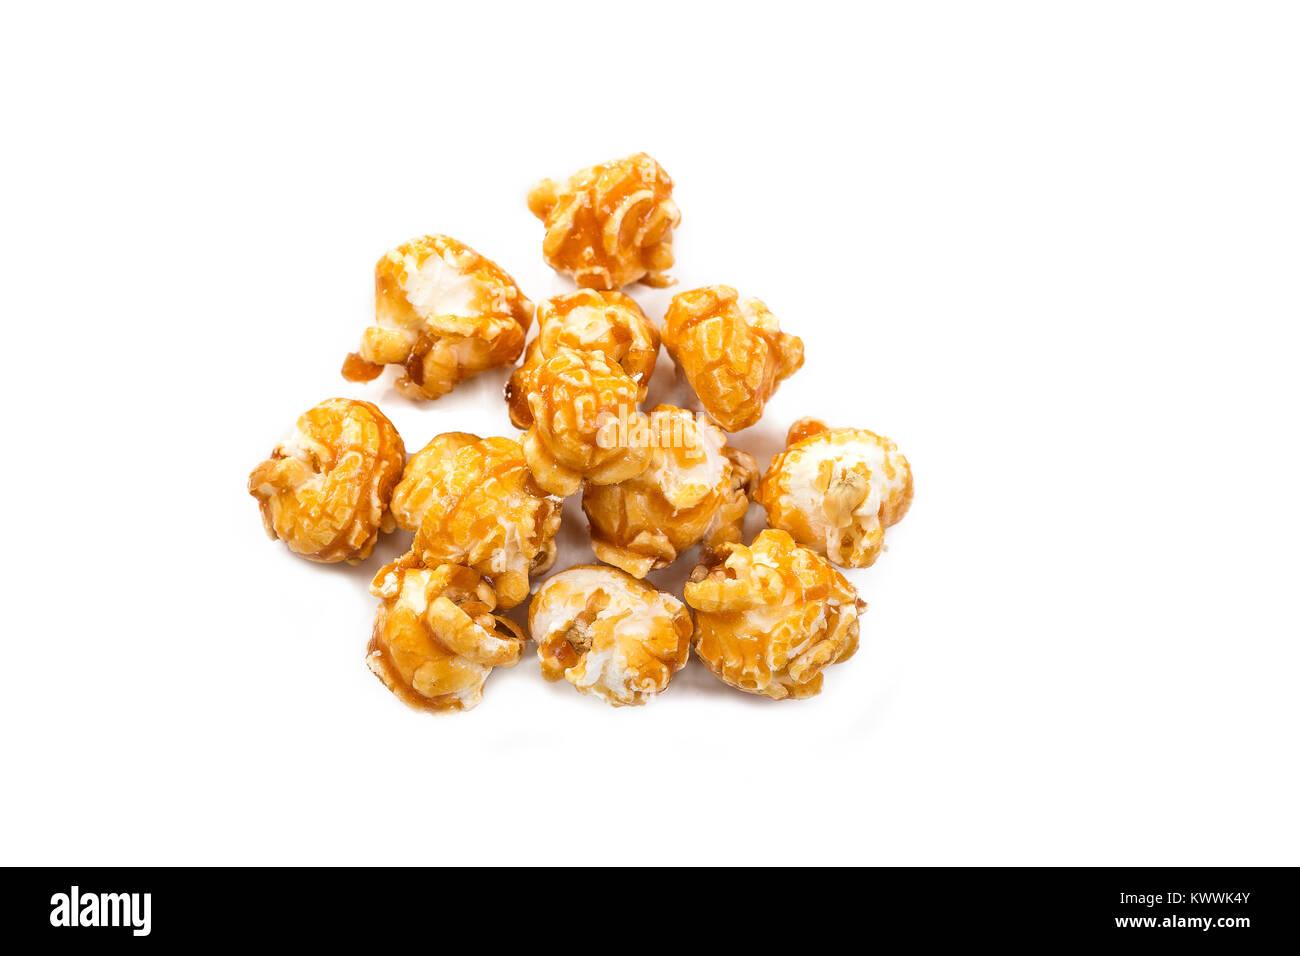 Popcorn isolé sur un fond blanc avec clipping path Photo Stock